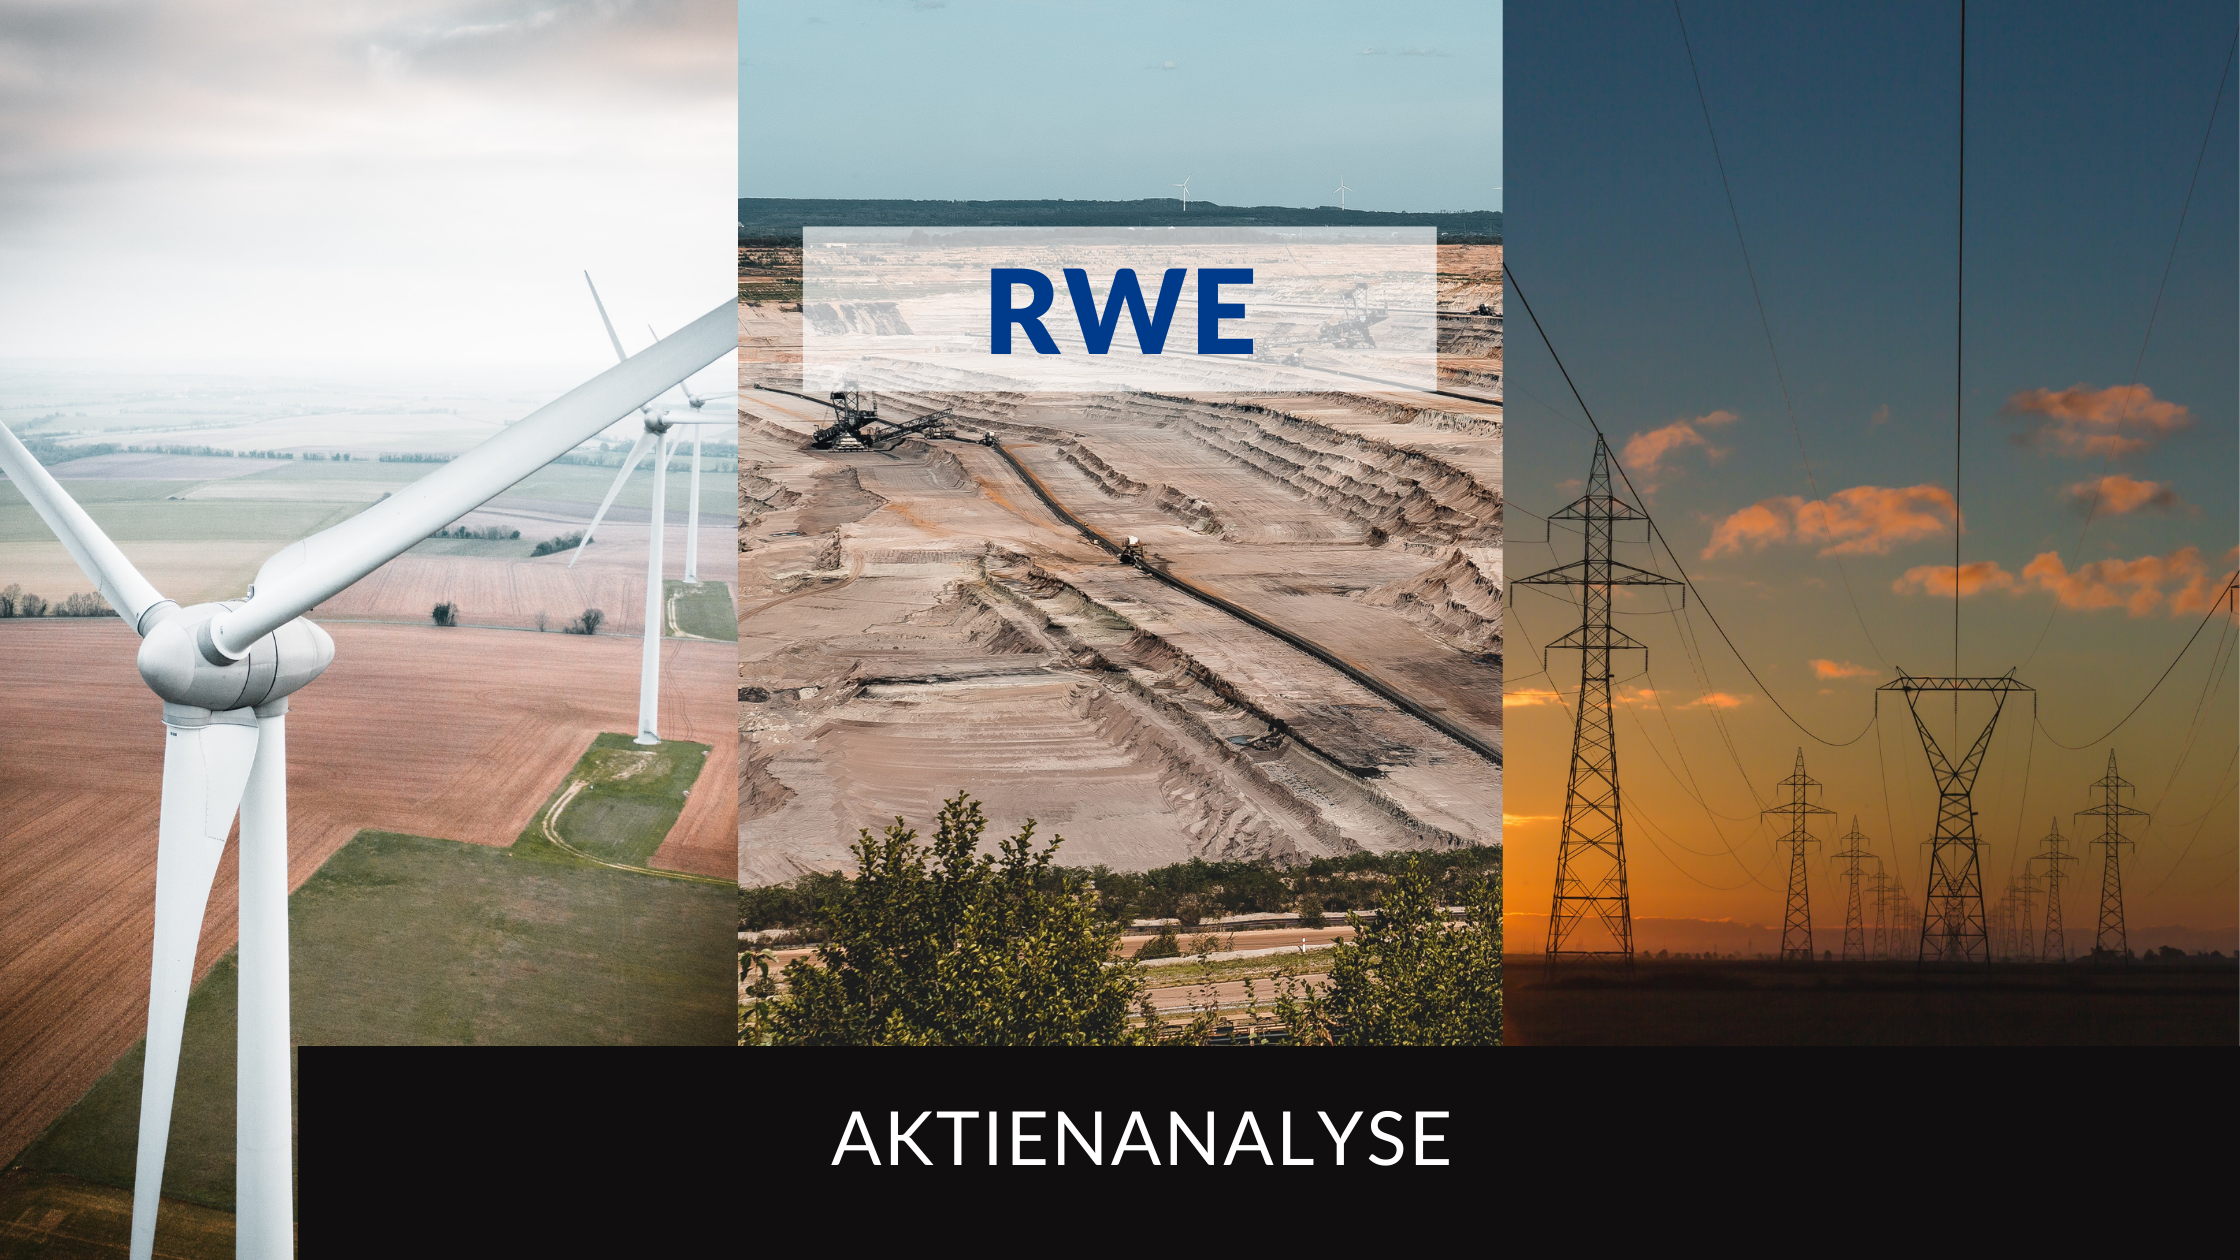 RWE Aktienanalyse